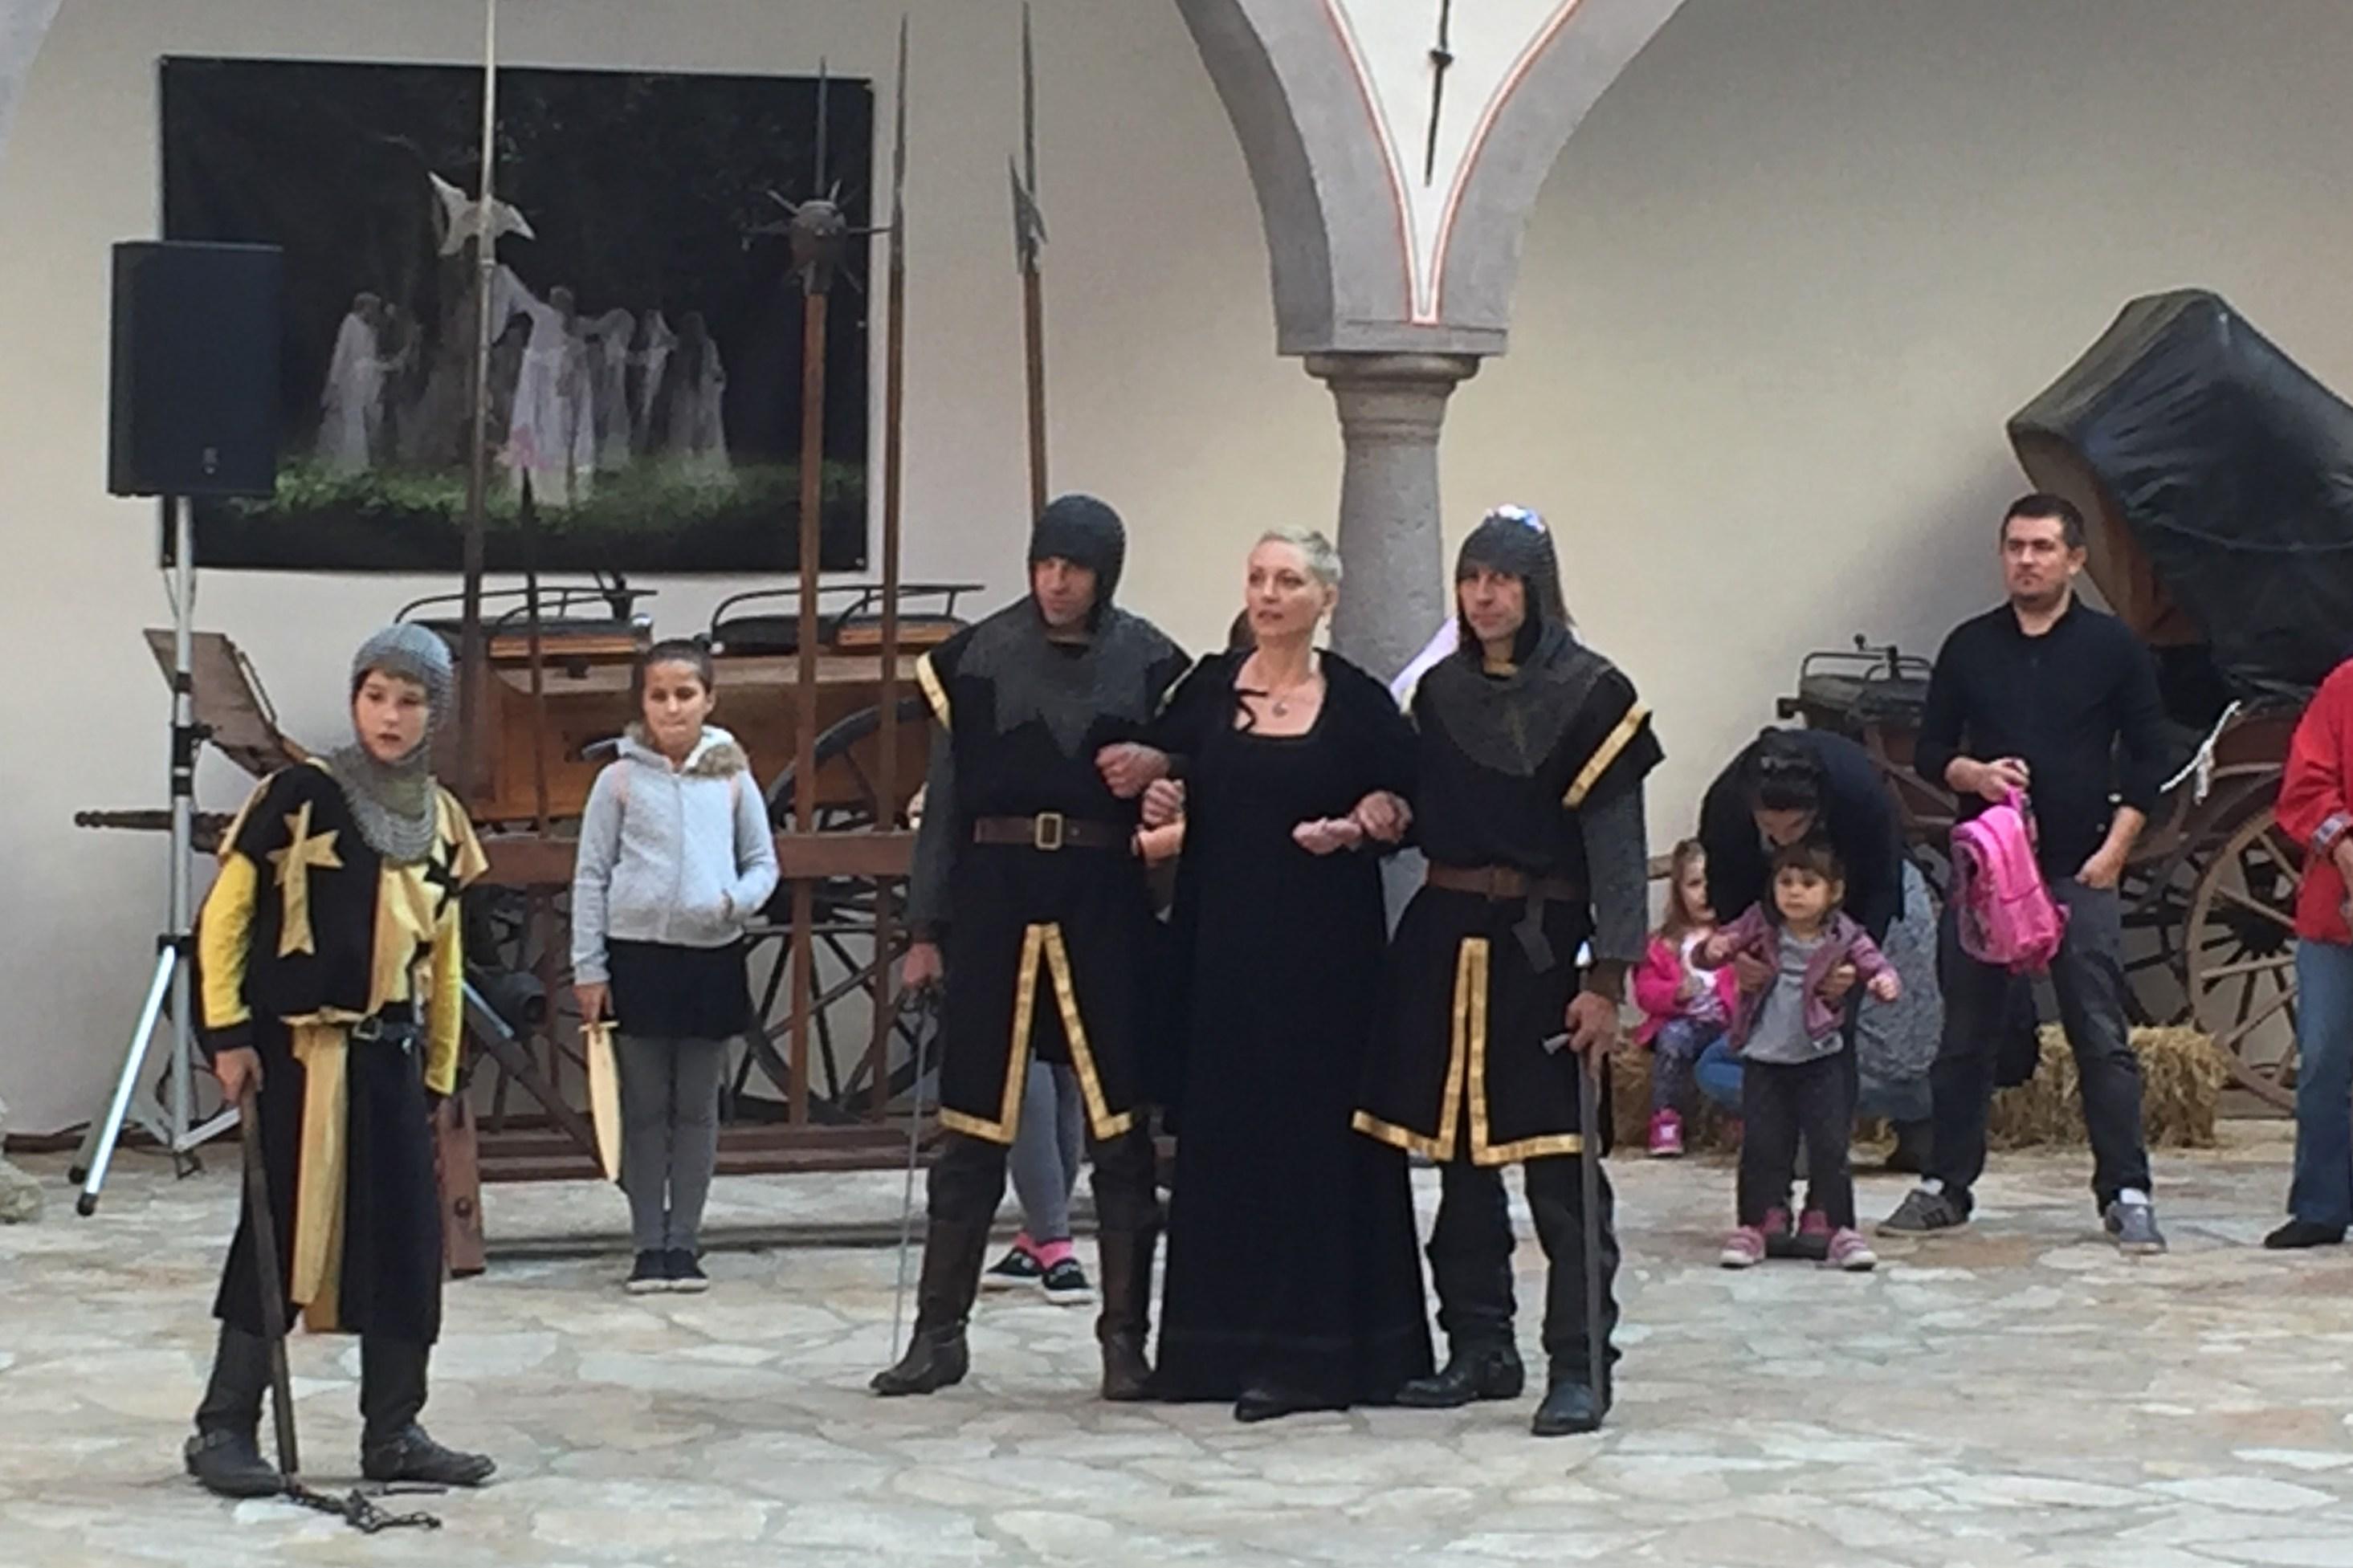 Soud krásné Veroniky v podání herců na nádvoří hradu